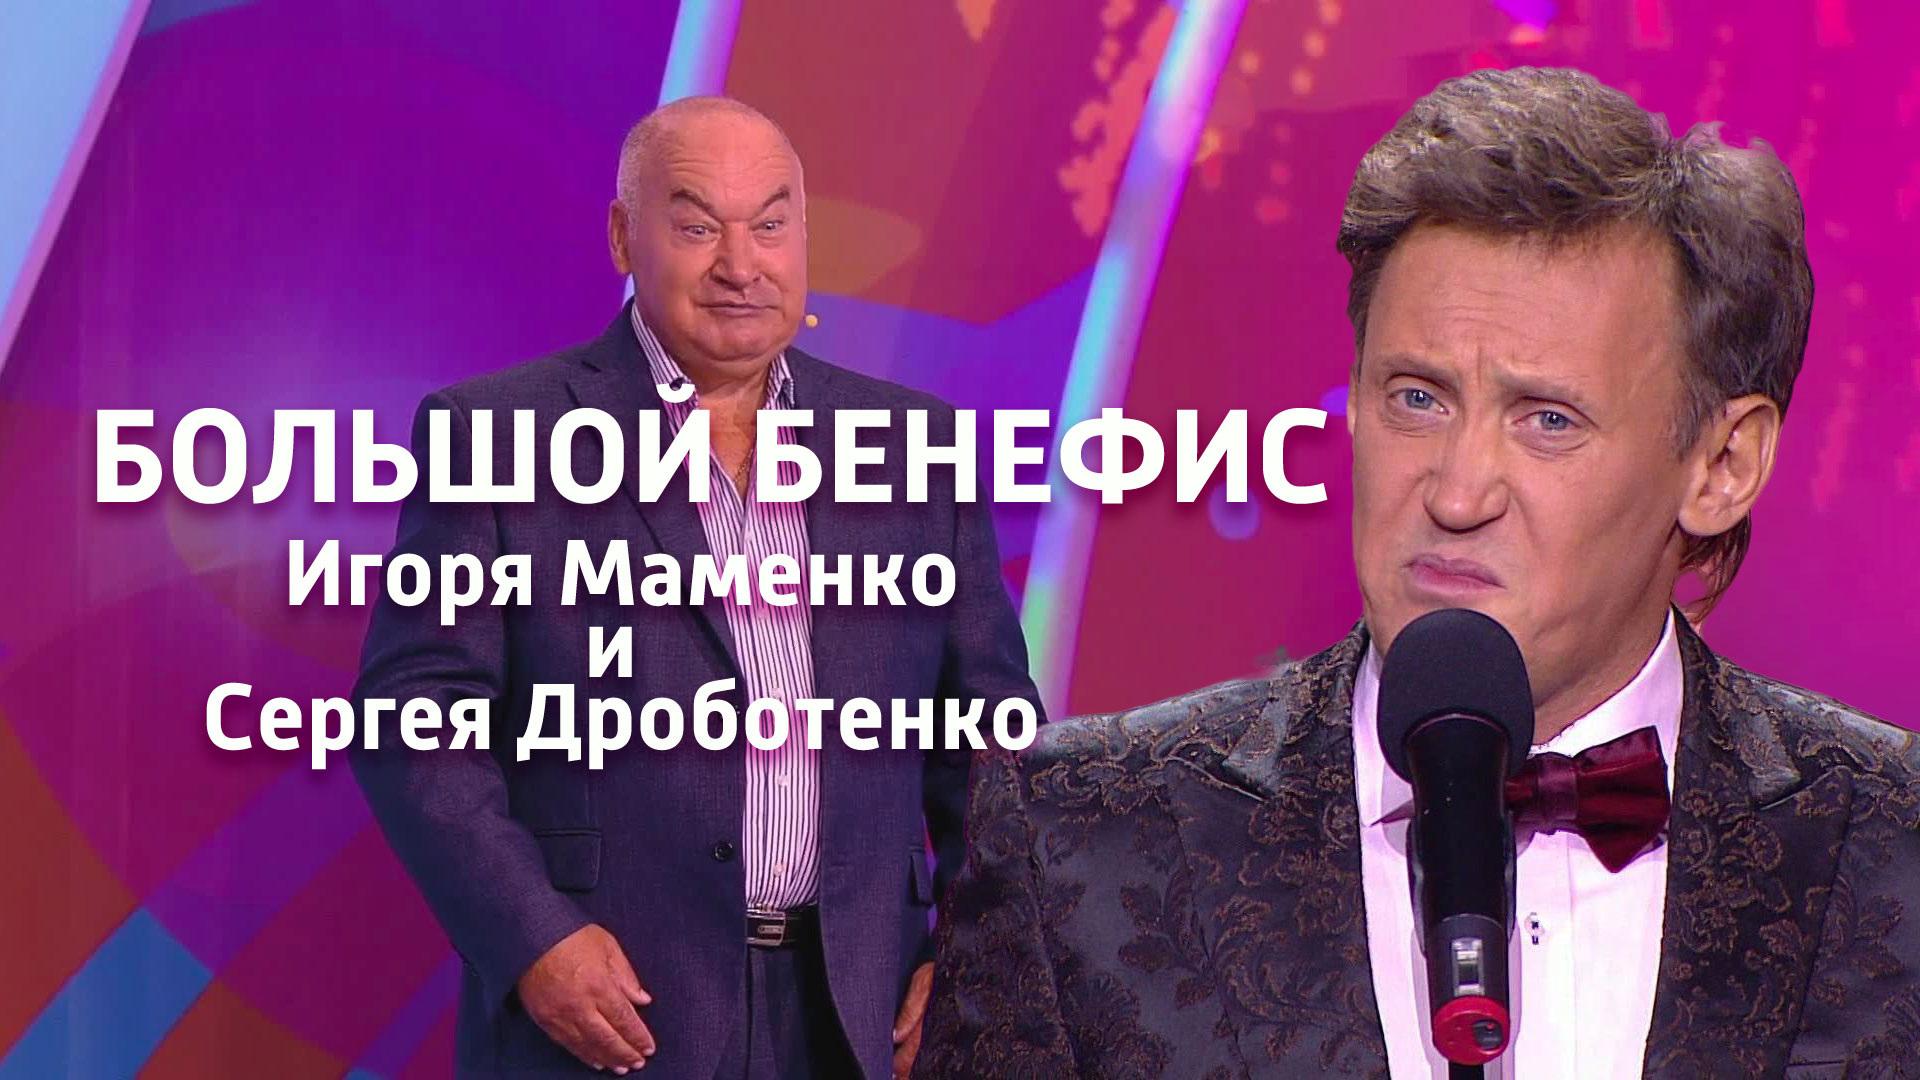 Большой бенефис Игоря Маменко и Сергея Дроботенко